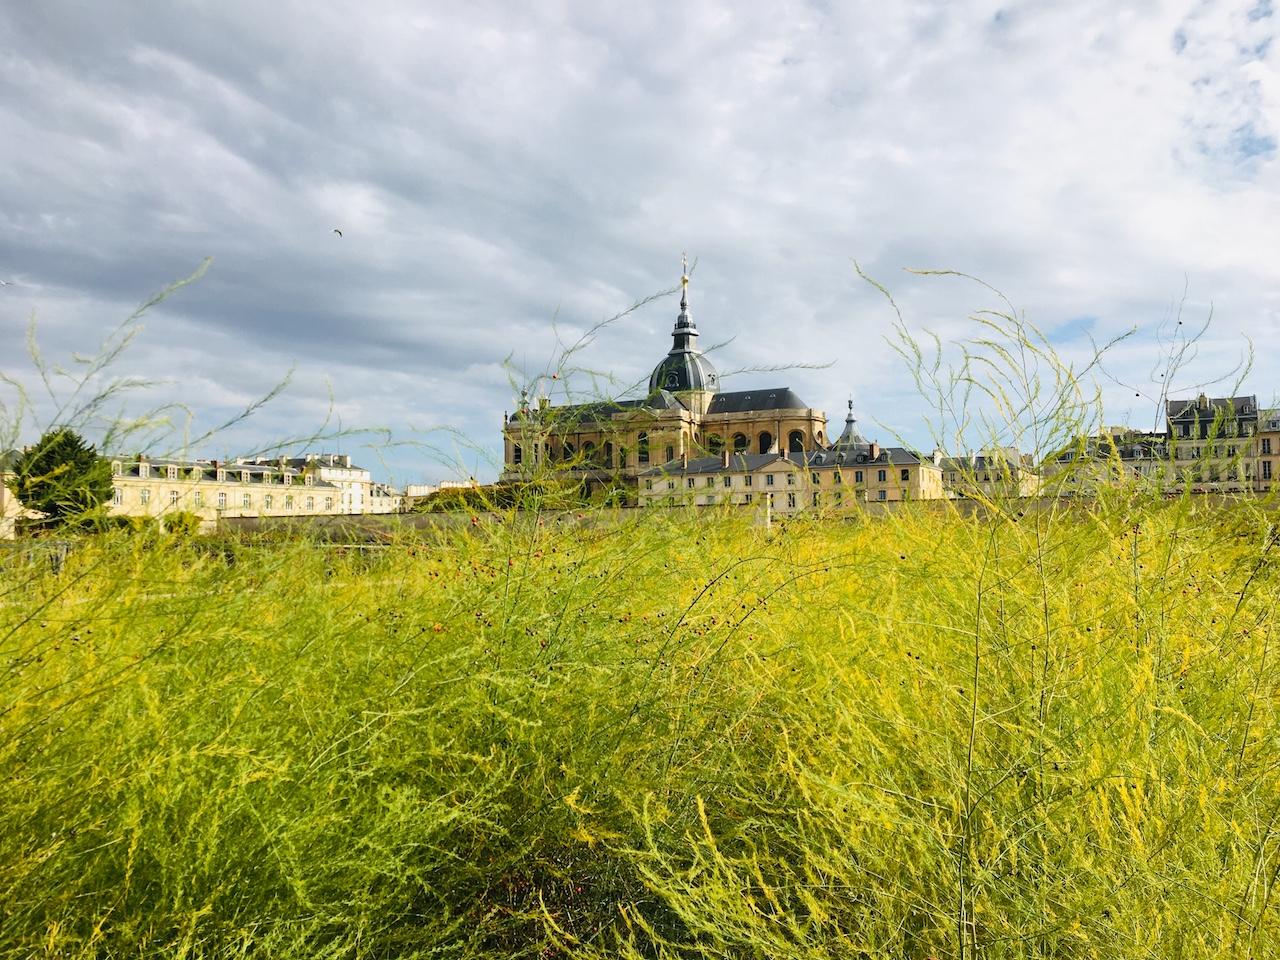 王の菜園 ポタジェデュロワ